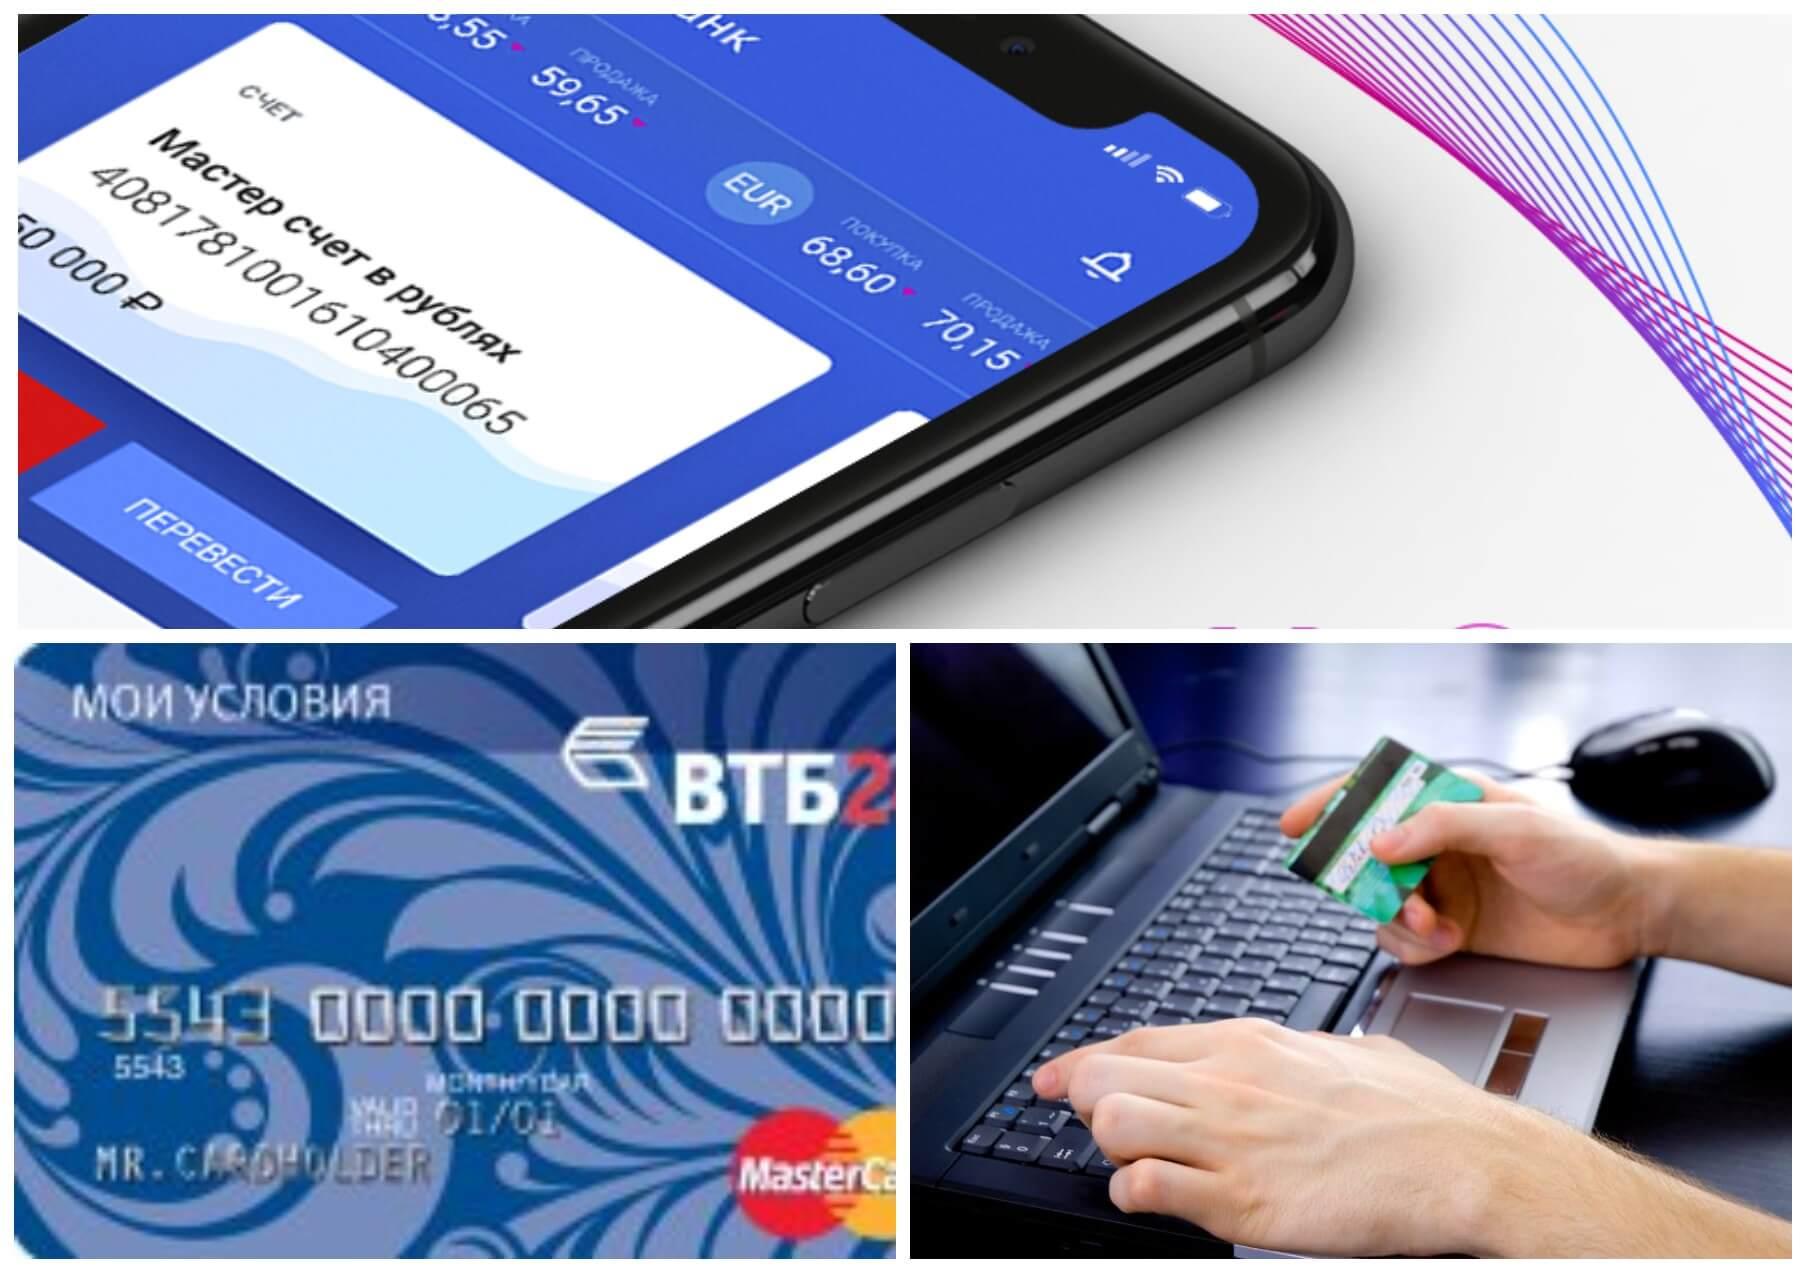 На фото изображены карта банка ВТБ, приложение в смартфоне и ноутбук, рядом с которым держат в руках банковскую карту.